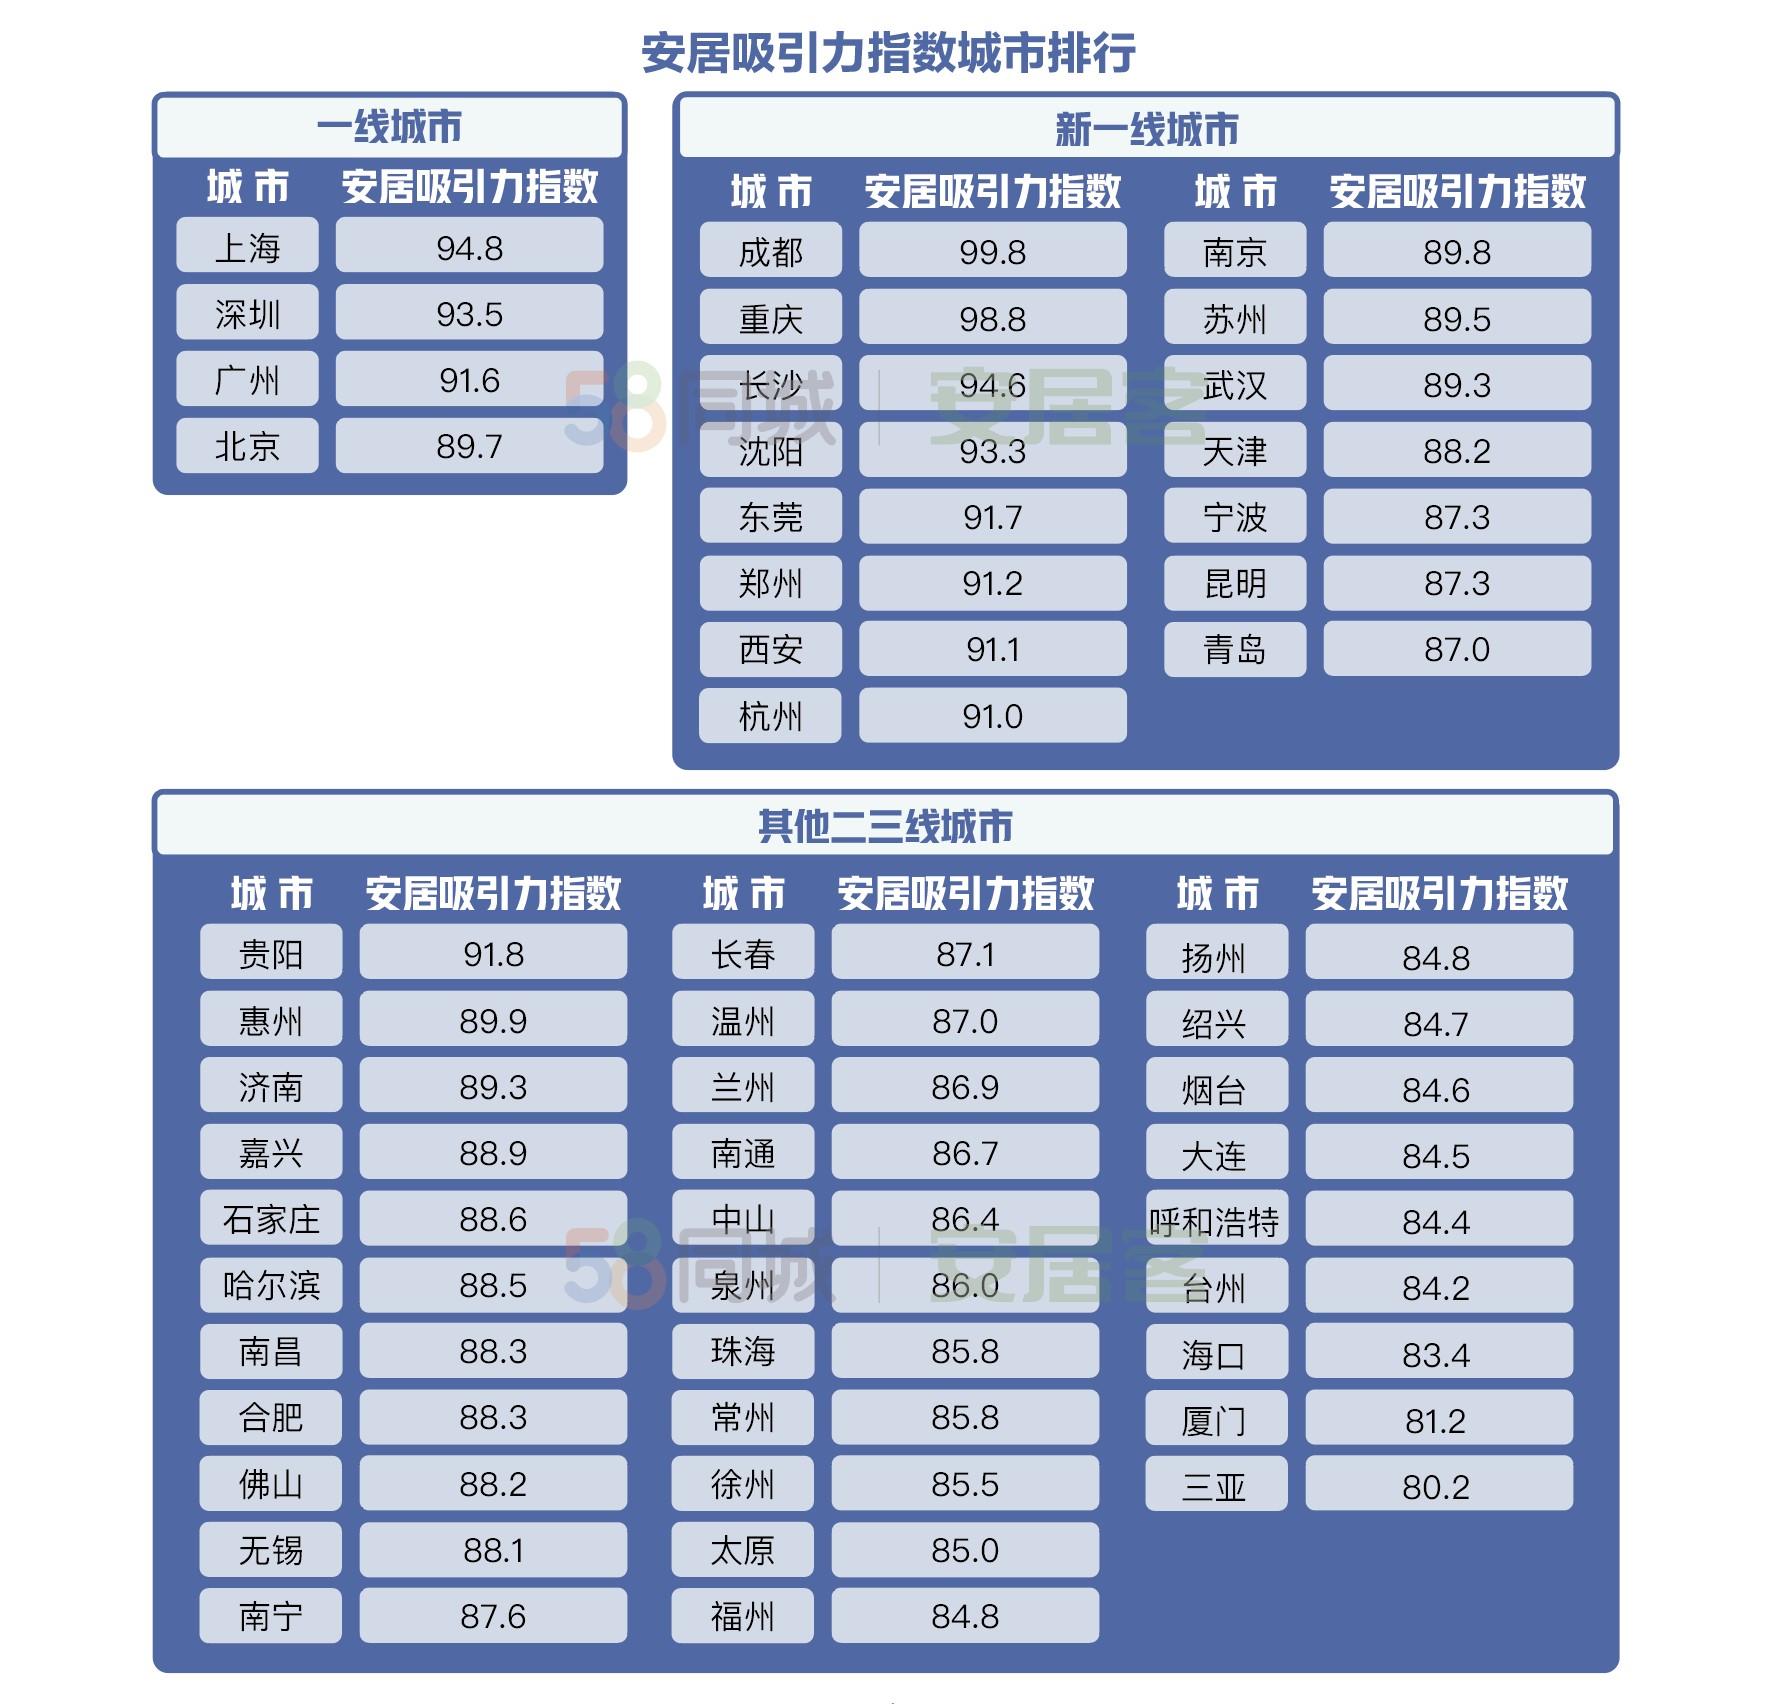 报告:成都、重庆人才吸引力领先 长沙收入房价比平衡度最高图片